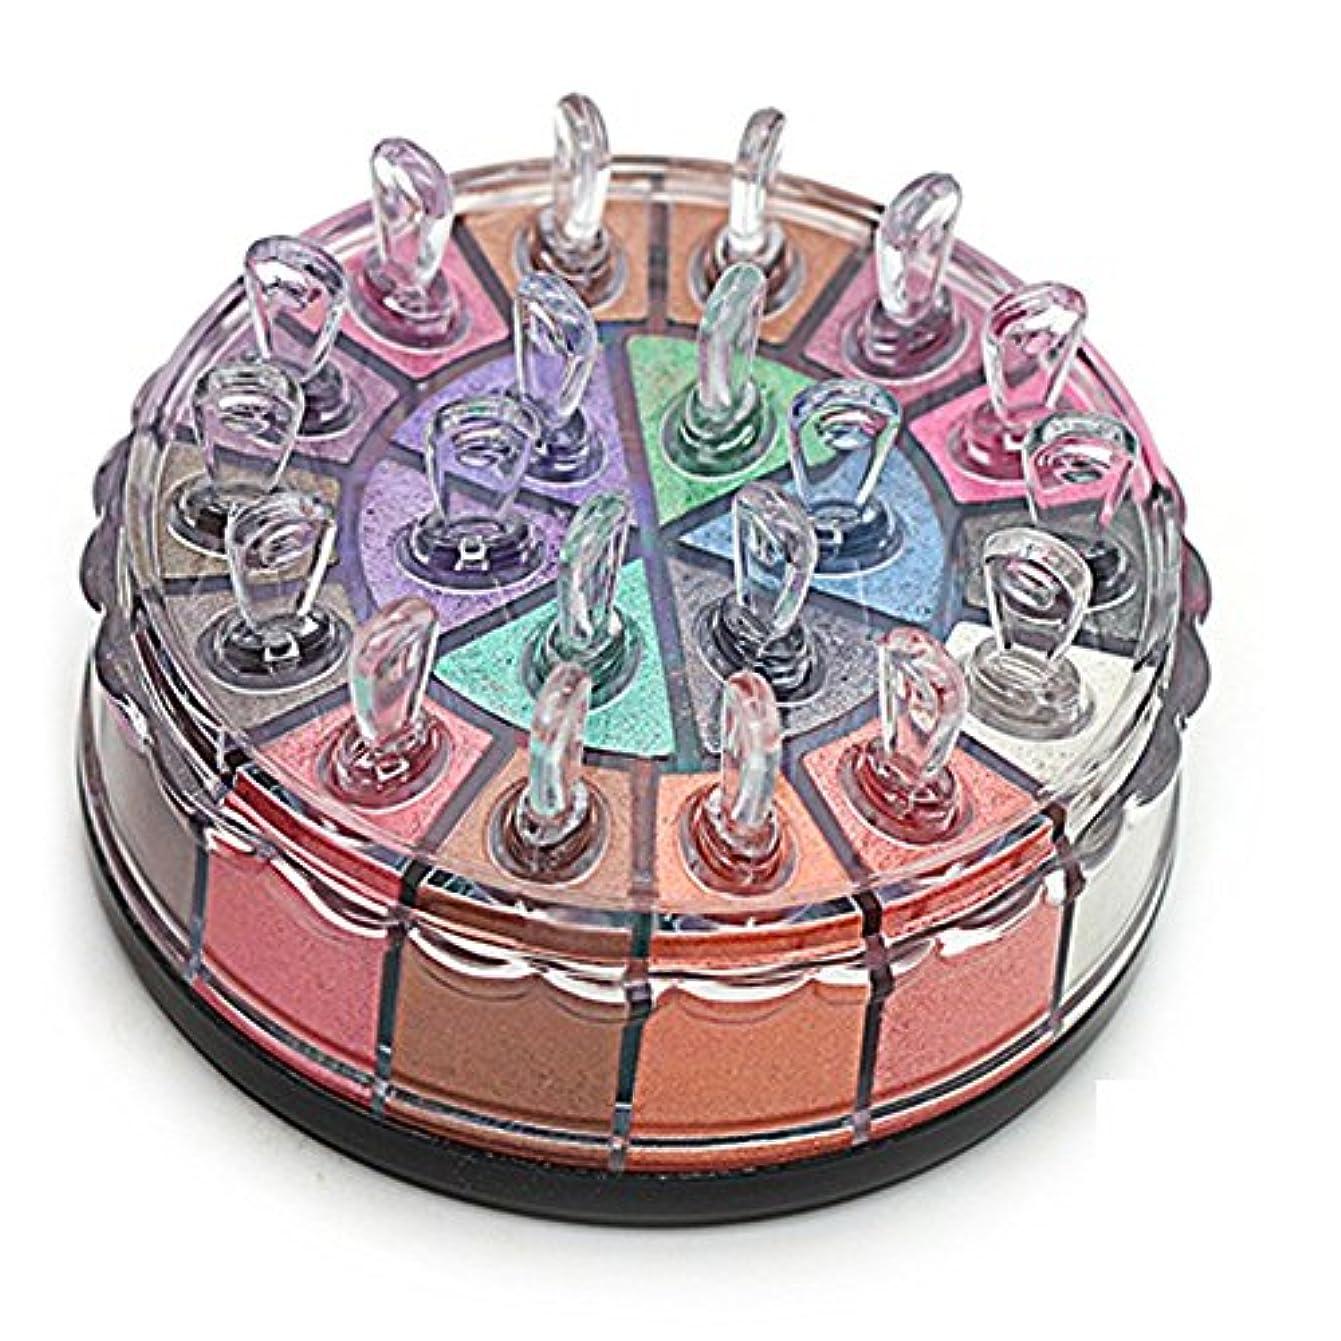 洗練熟す資本主義Matte Eyeshadow YOKINO アイシャドー パレット 化粧筆 専門化粧 人気 イシャドウ 20色 (2#)